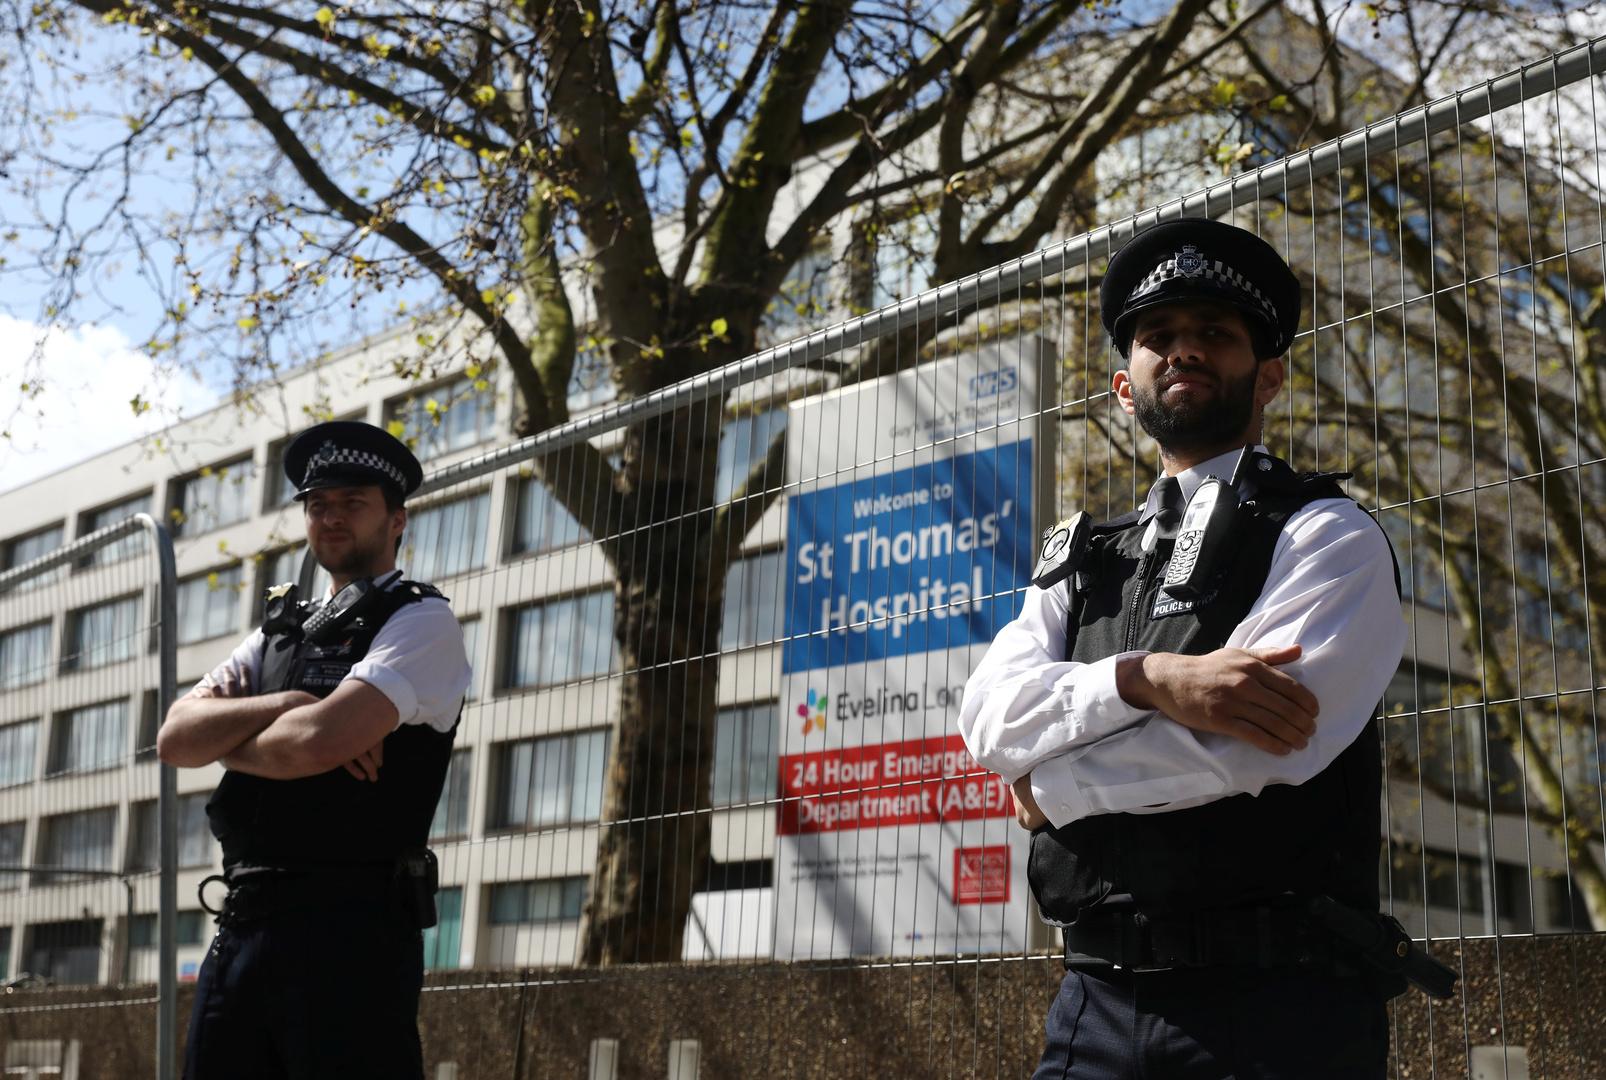 المستشفى الذي يتلقى فيه رئيس الوزراء البريطاني بوريس جونسون العلاج